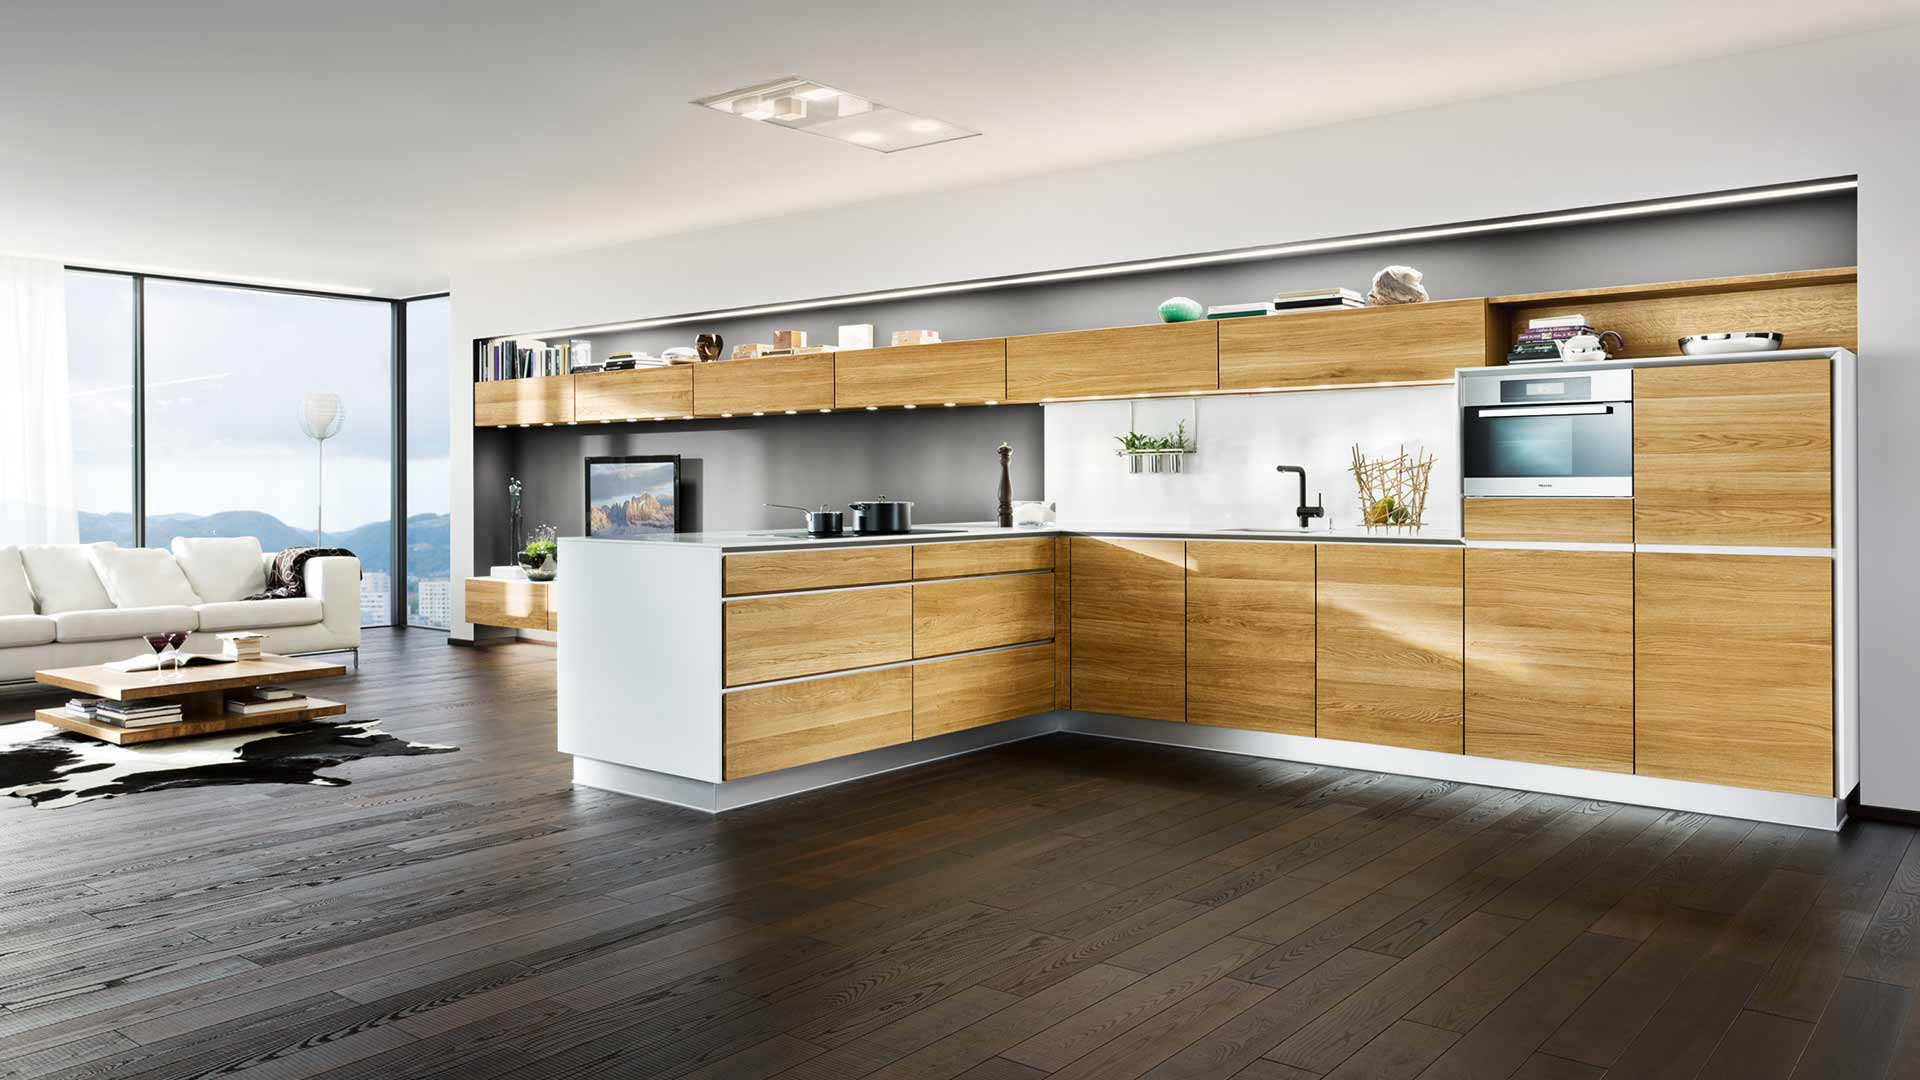 Full Size of Küchen Kchen Einbaukchen Design In Kelheim Mbel Gassner Regal Wohnzimmer Küchen